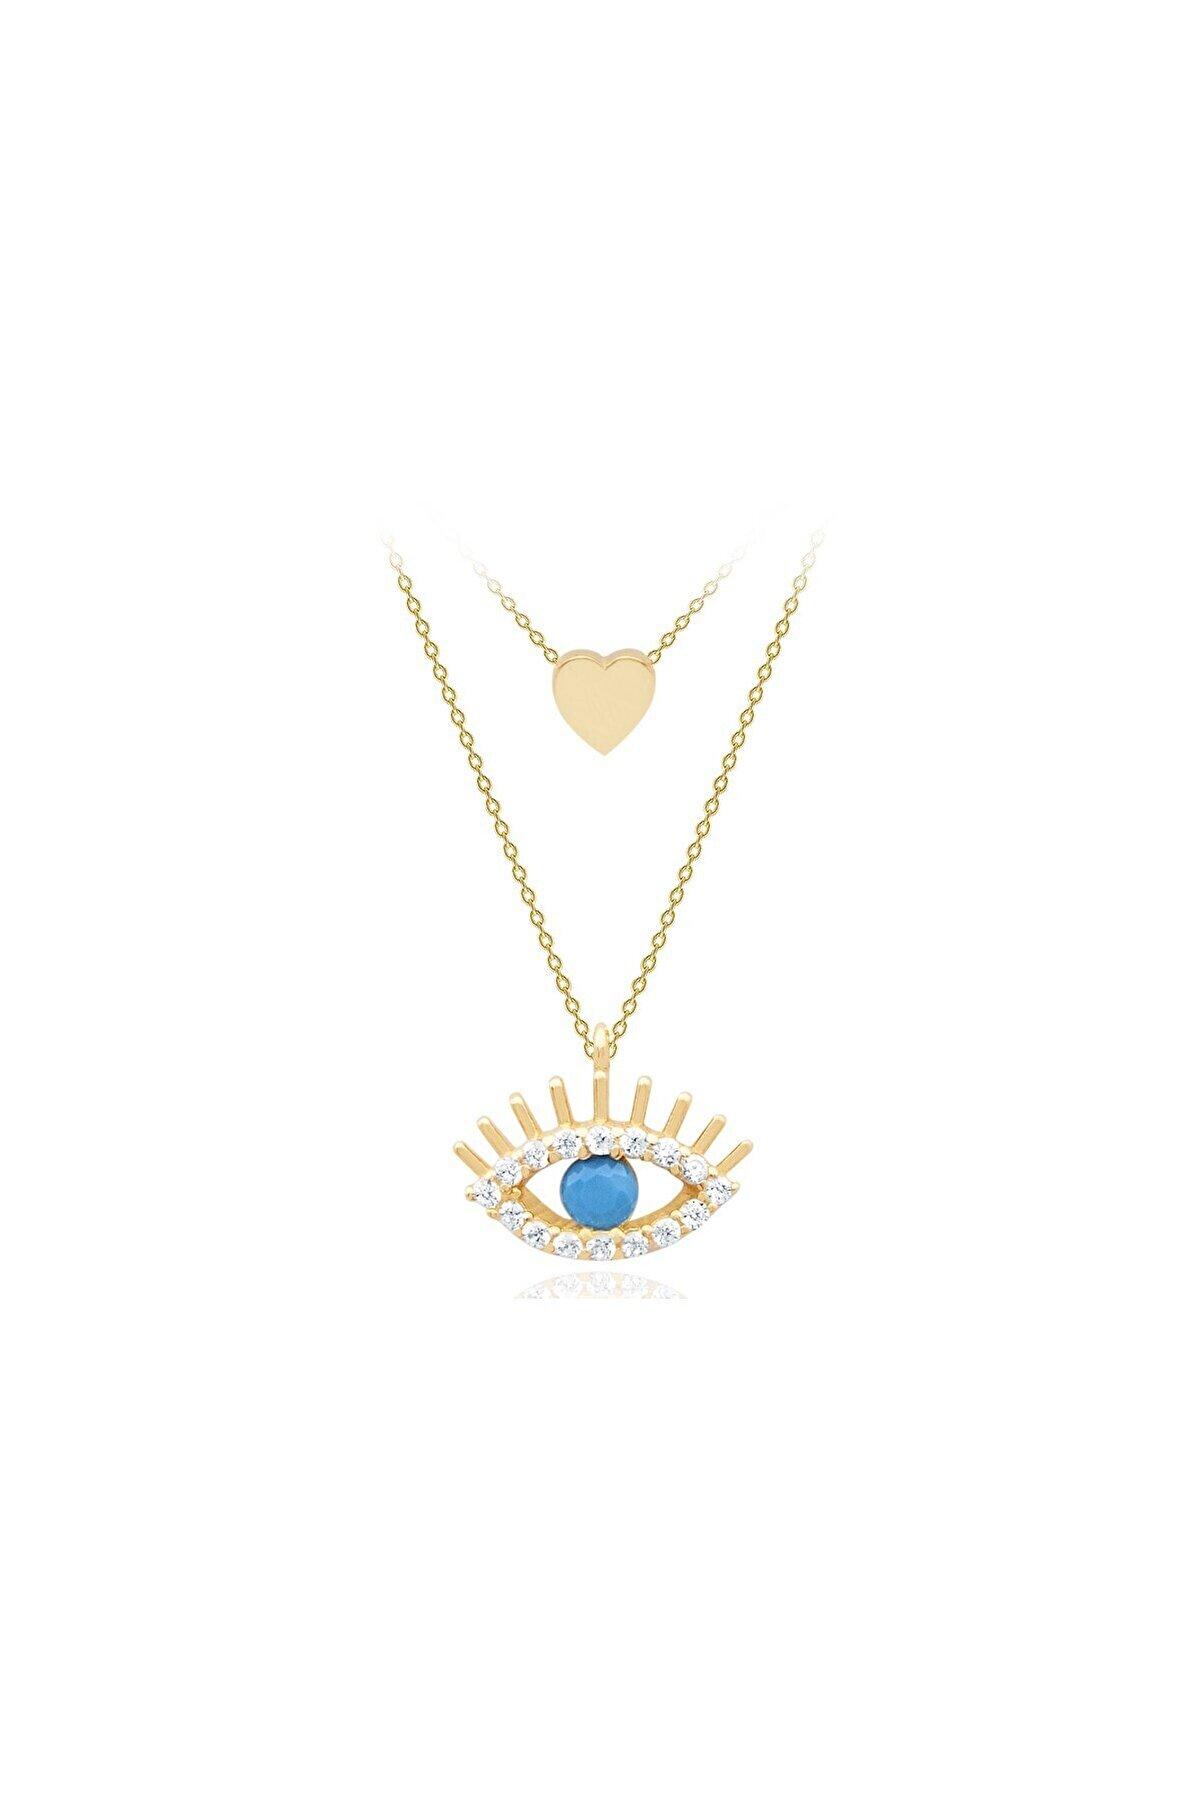 Diamond Line-Gülaylar Sarı Altın 14 Ayar Nazar Boncuğu Kolye